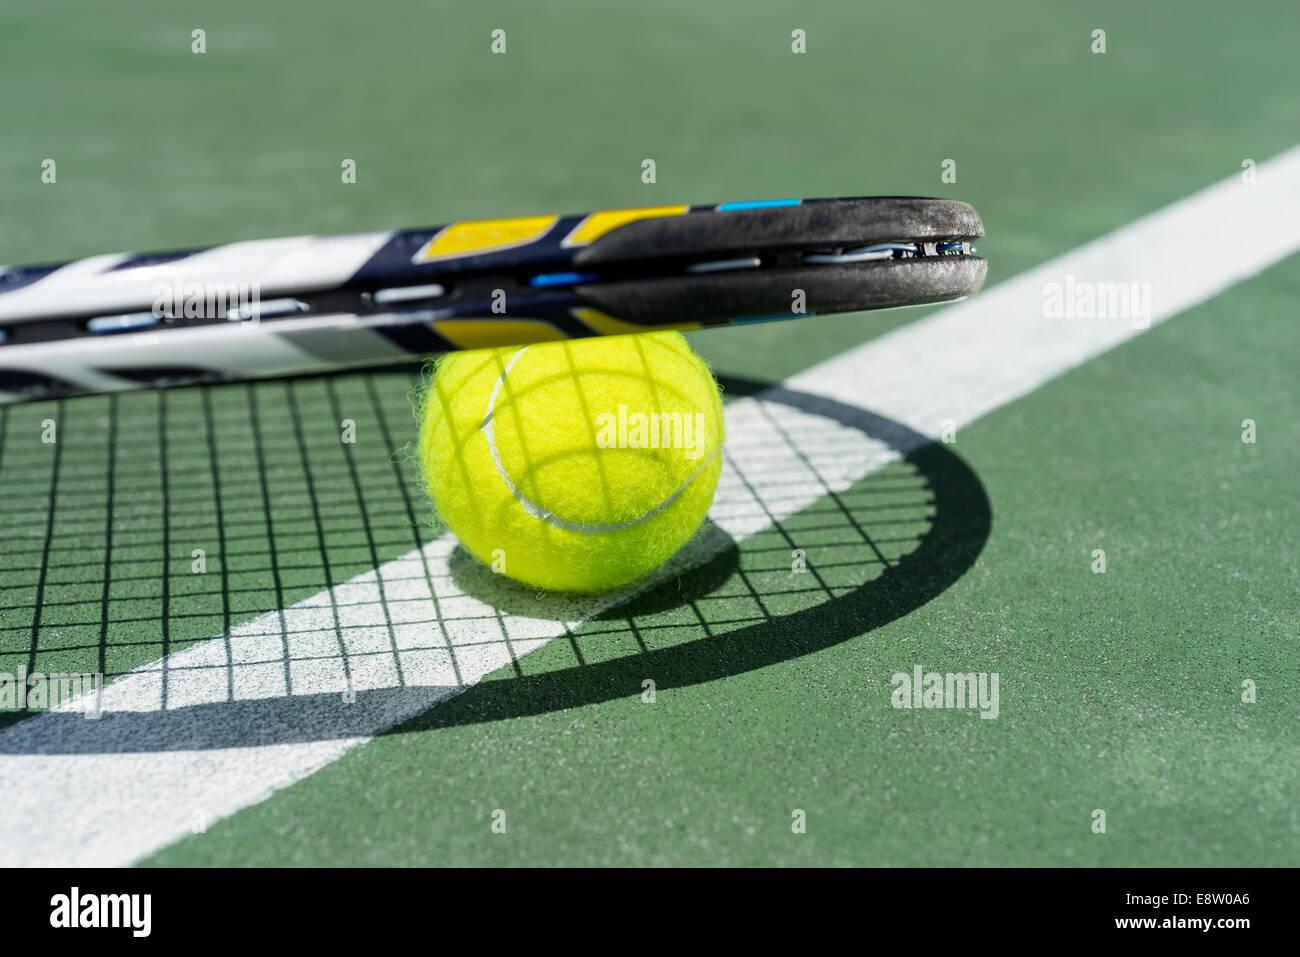 Vista ravvicinata della racchetta da tennis e palle sul campo da tennis in terra battuta Immagini Stock